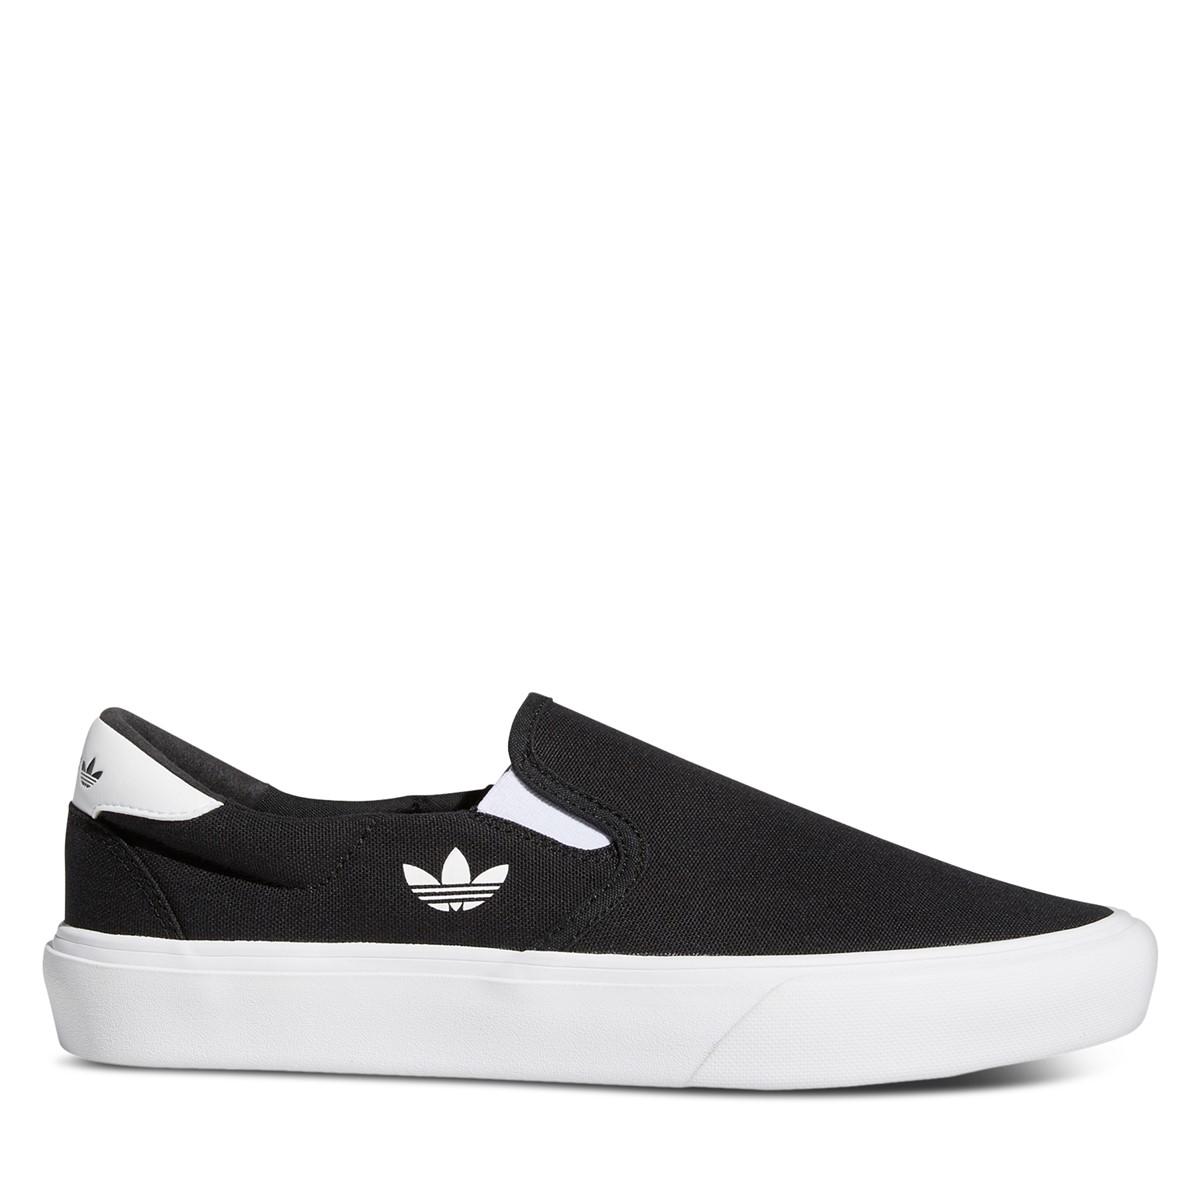 Men's Court Rallye Slip-on Sneakers in Black/White